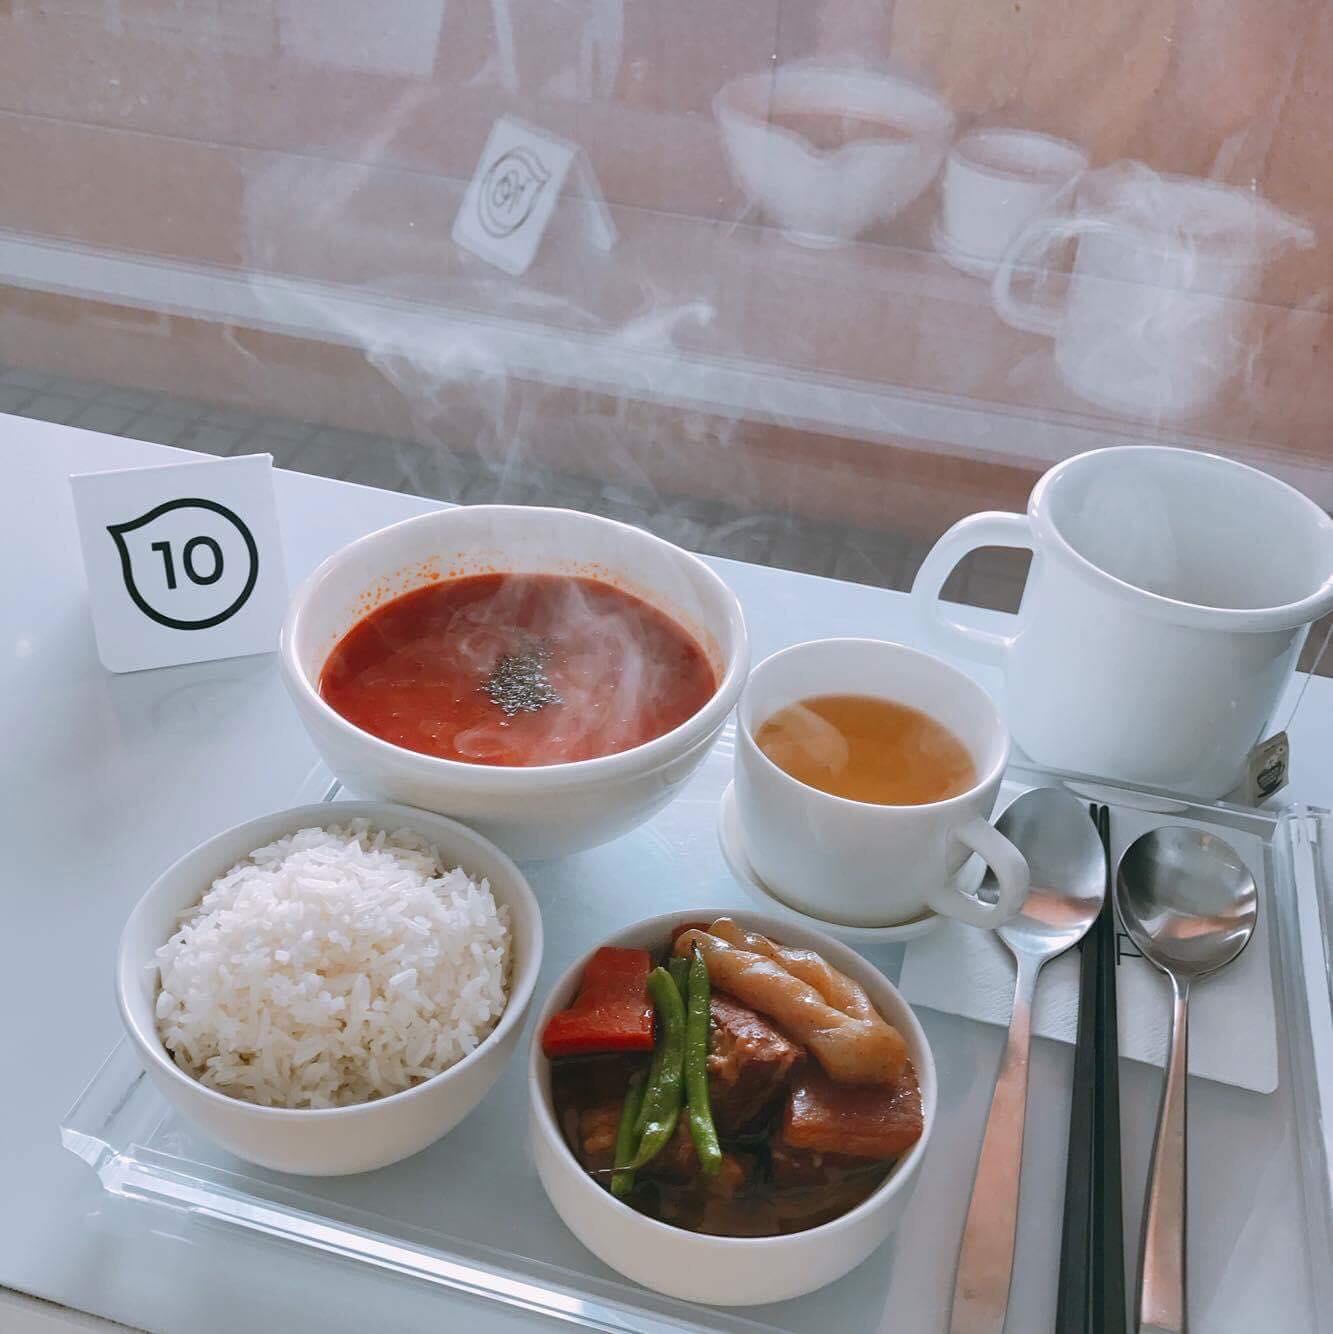 Restaurante Sip Sop Soup | Alvin Au, investidor e co-fundador